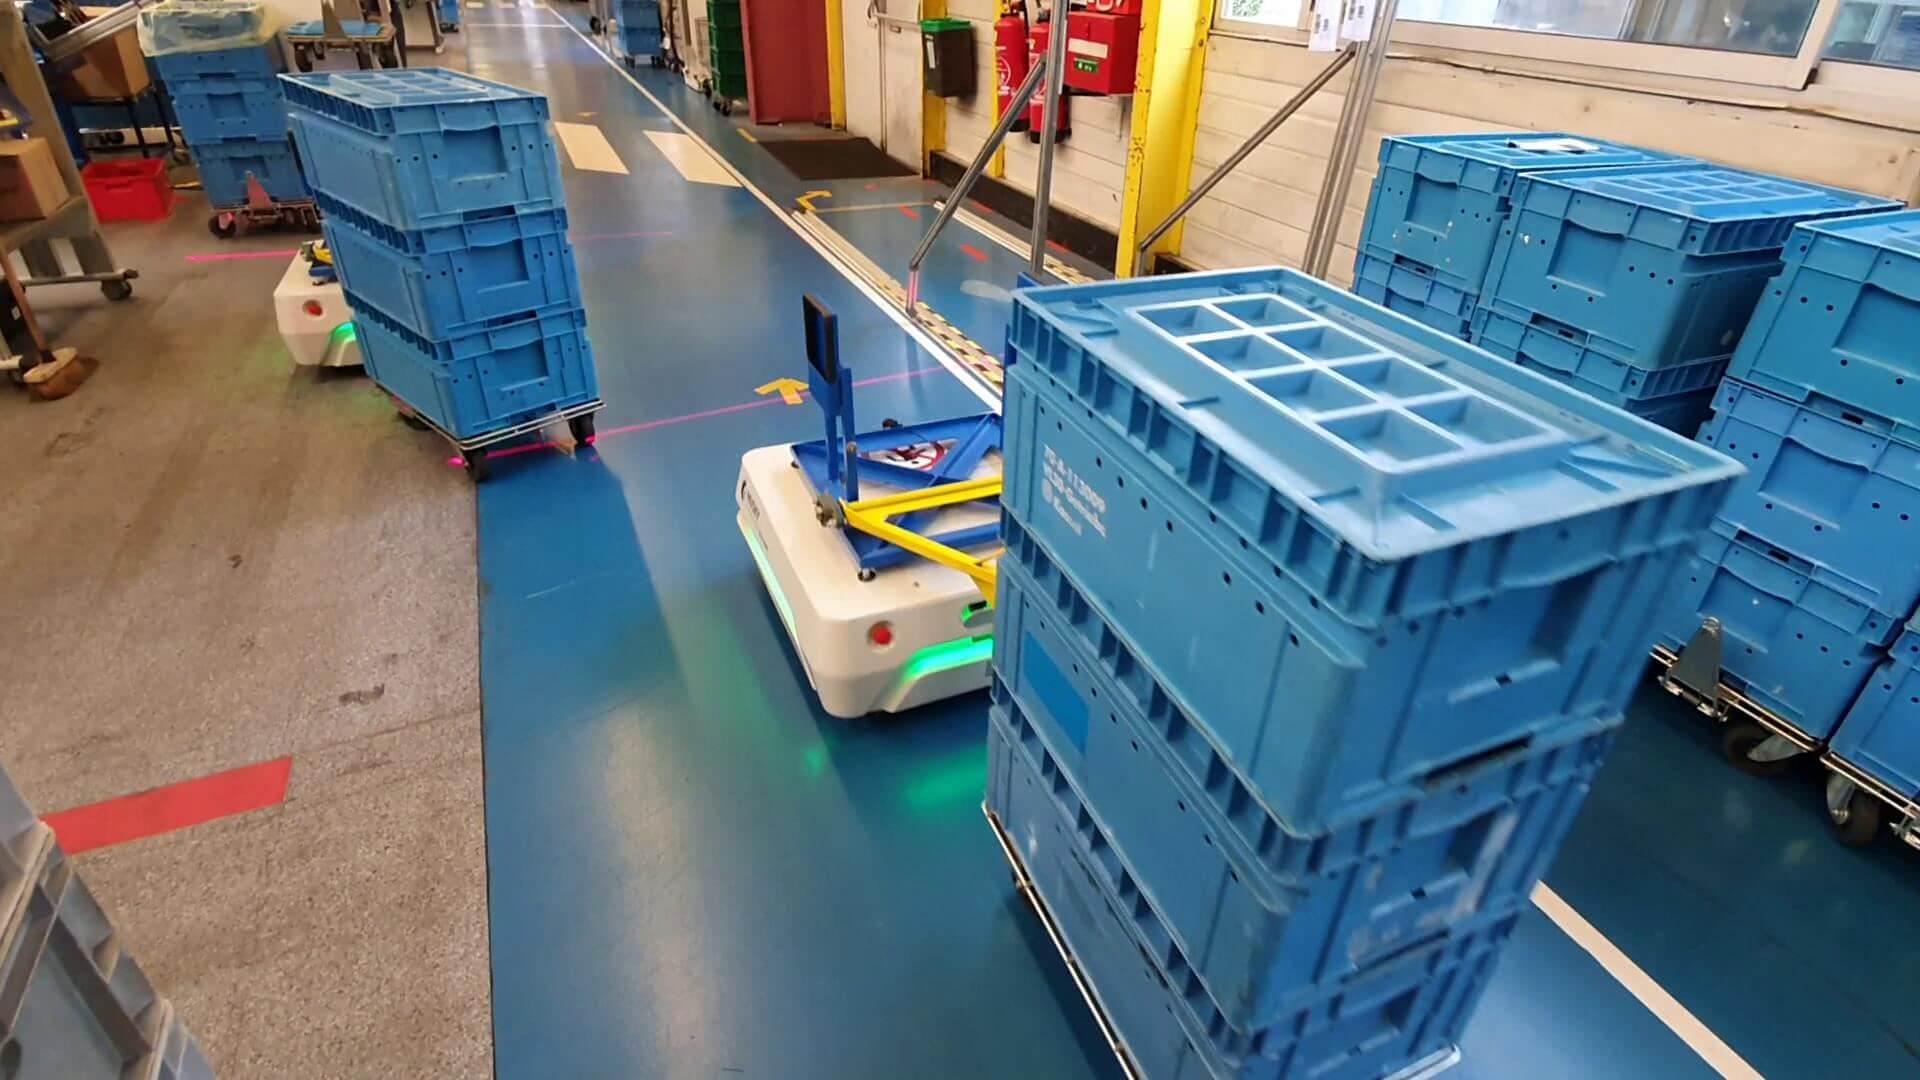 integration-robot-mobile--husky-e-cobot-hutchinson